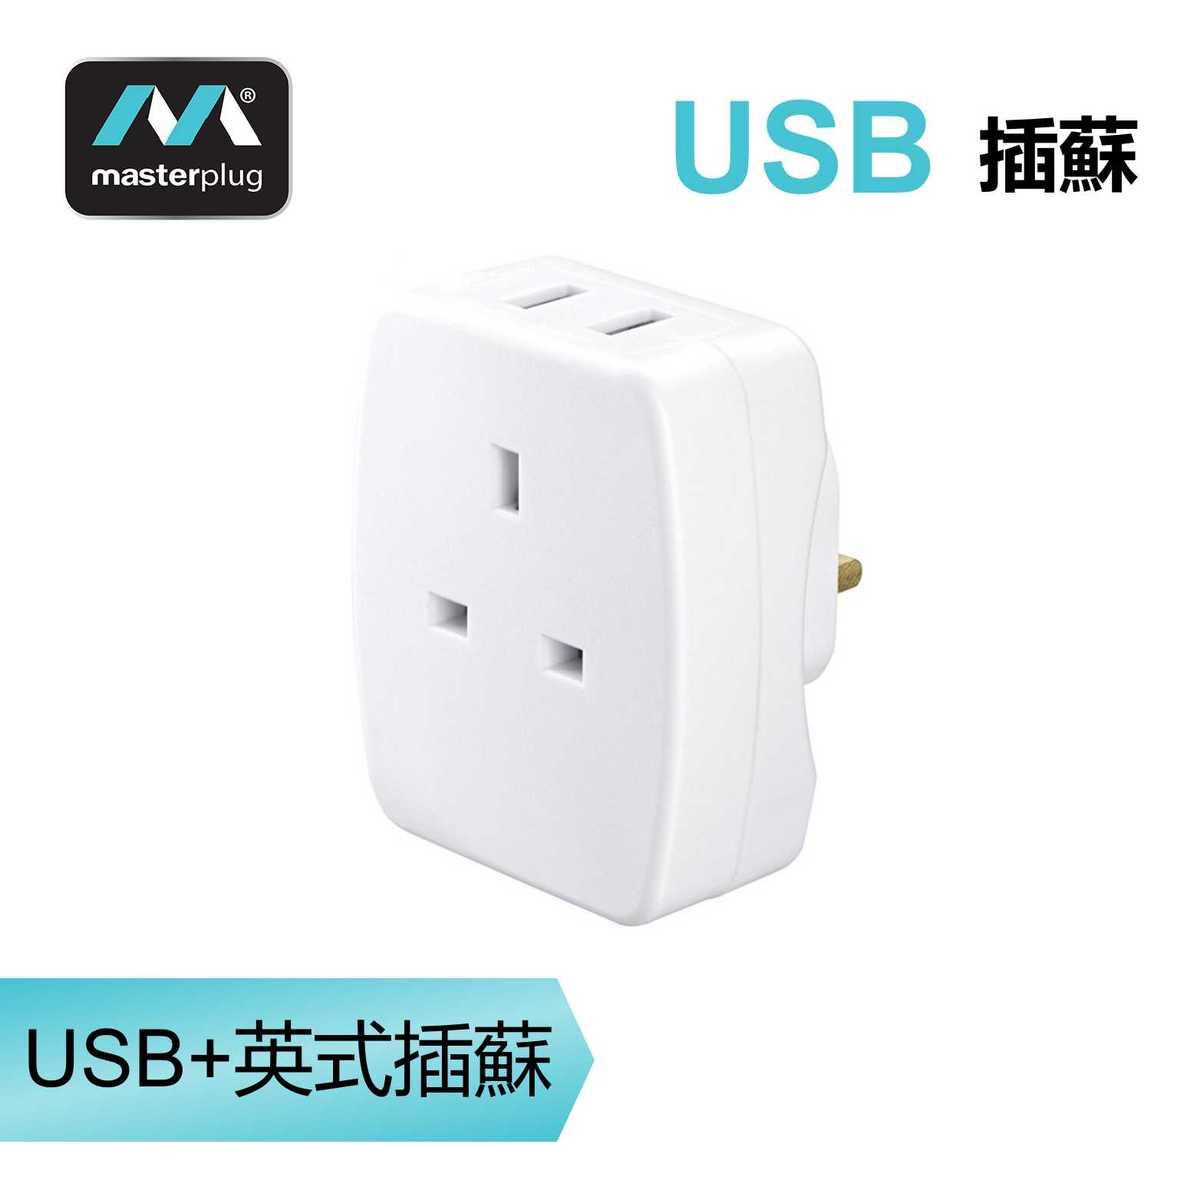 英式插蘇連2個USB 充電-2.1A輸出 (型號:AUSBW2-MPA)